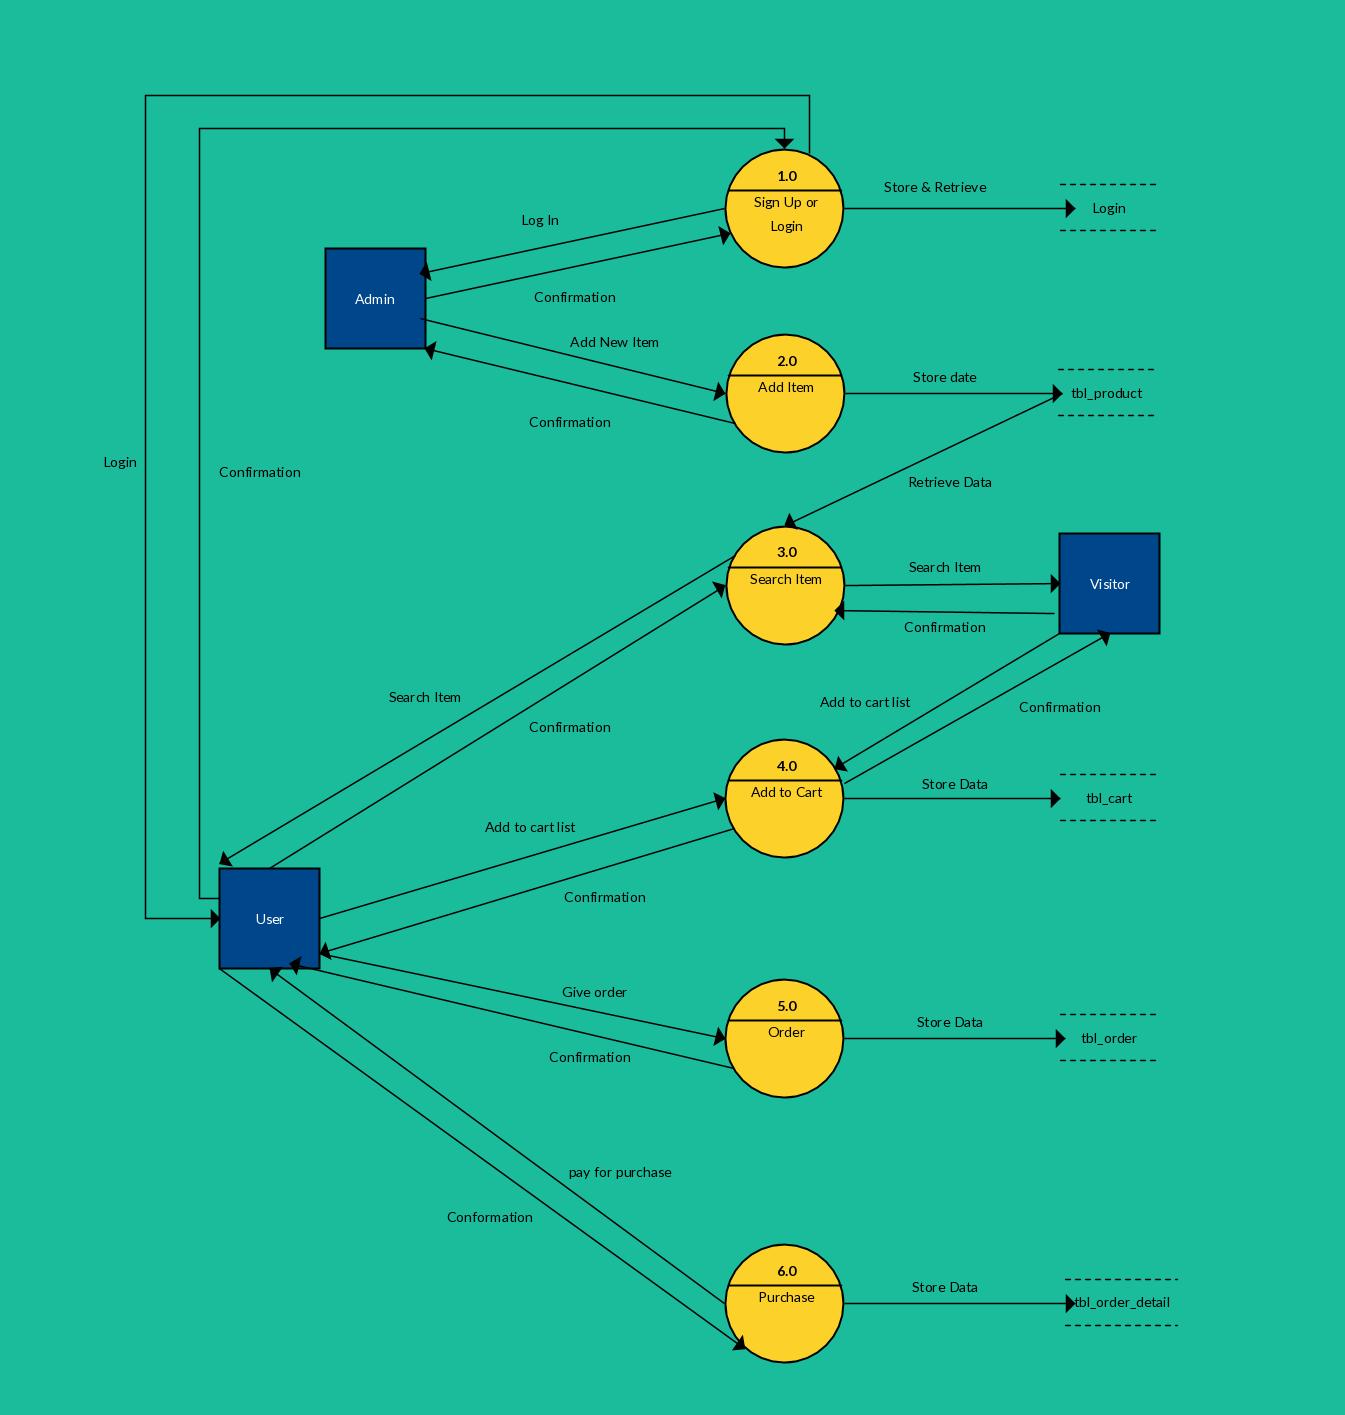 process flow diagram level 0 [ 1345 x 1415 Pixel ]